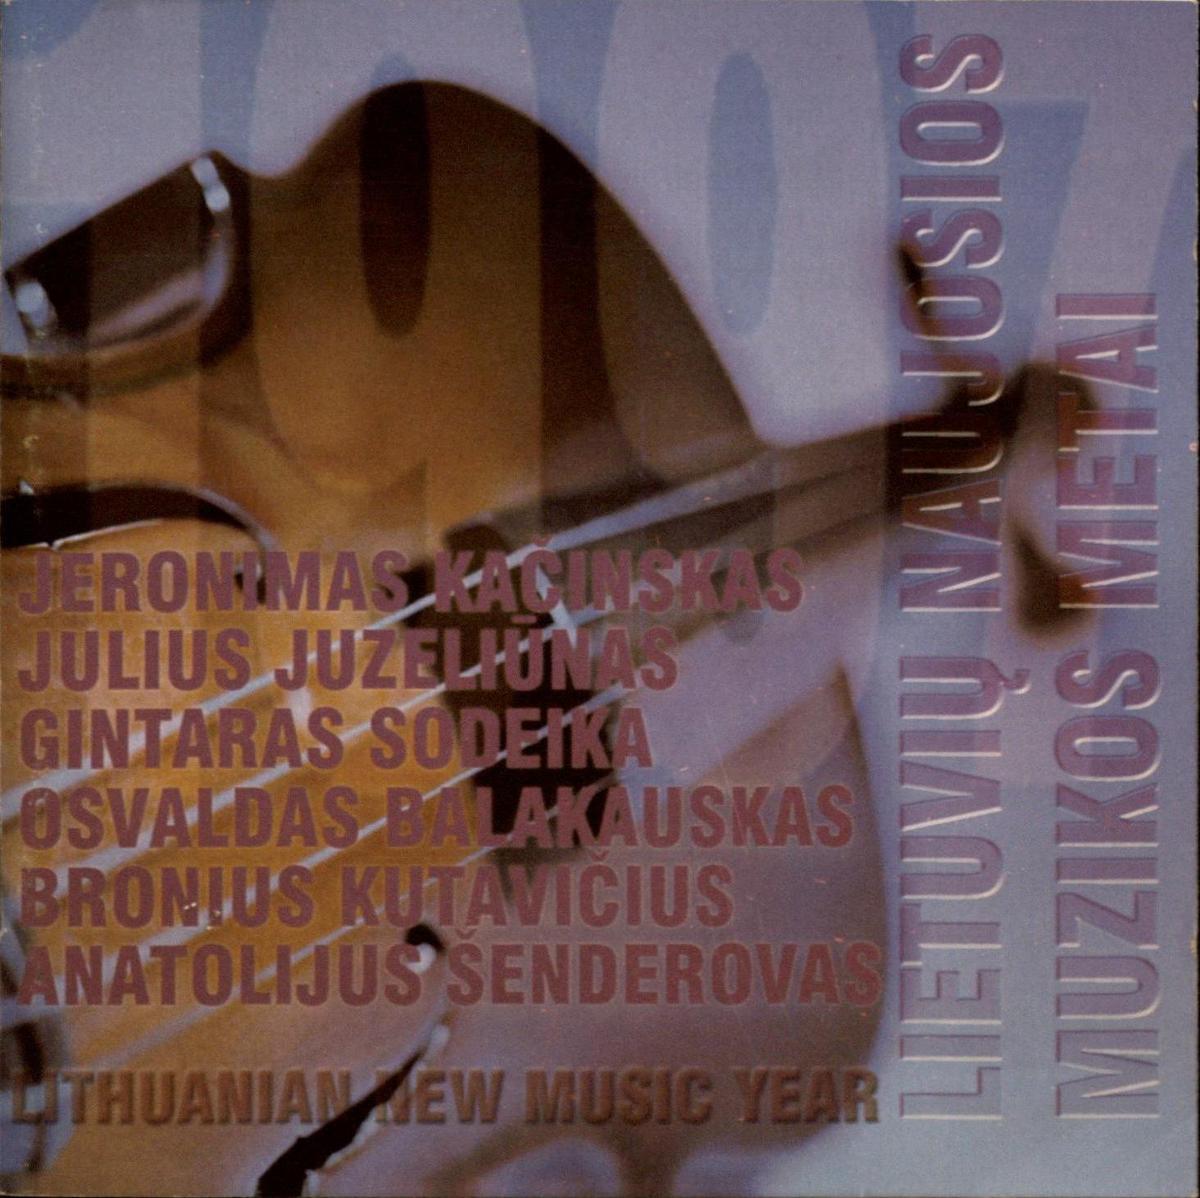 Lietuvių naujosios muzikos metai. 1997 [Garso įrašas]